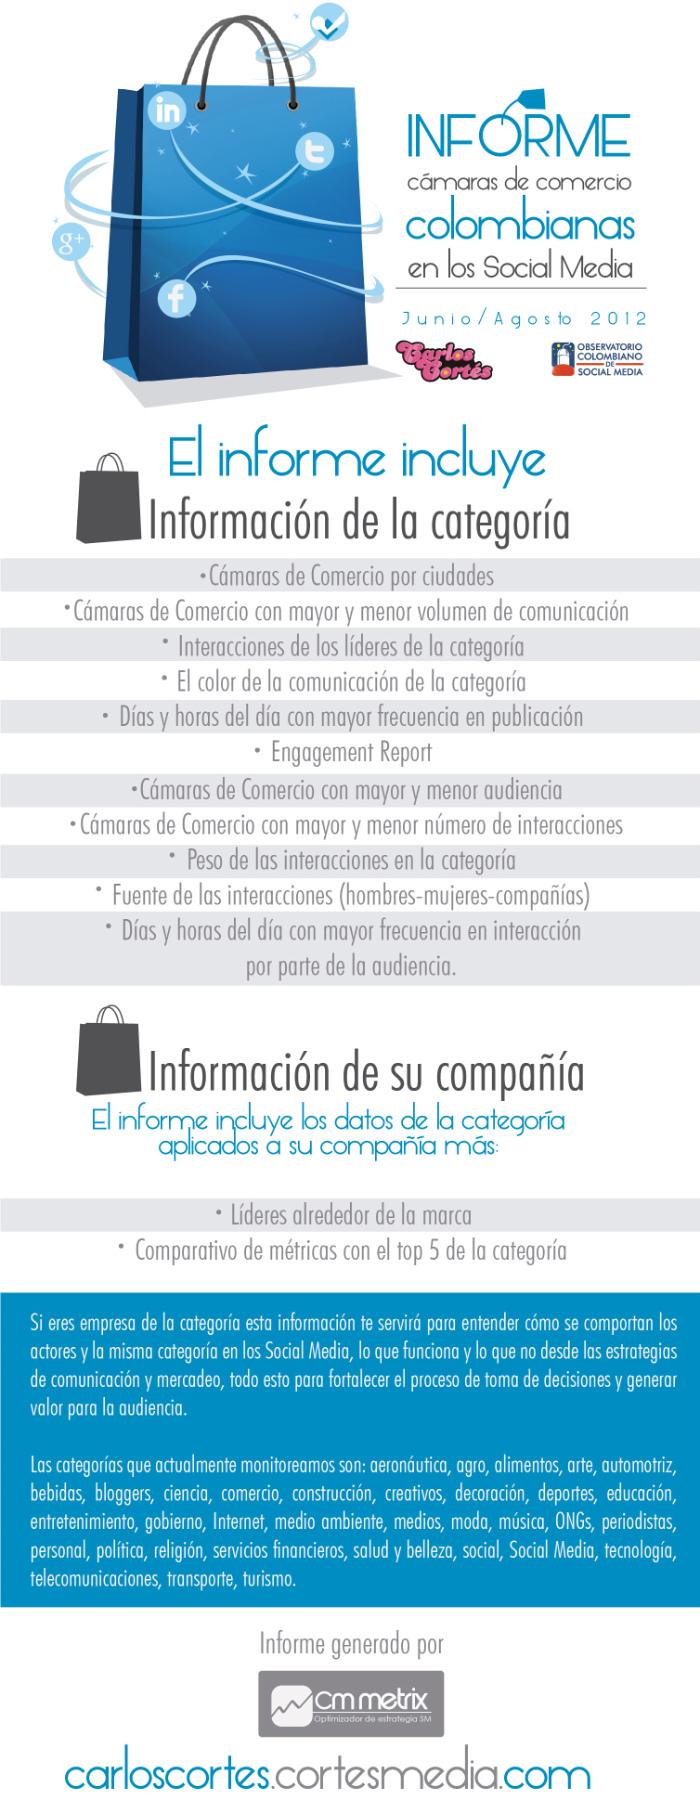 camaras-de-comercio-colombianas